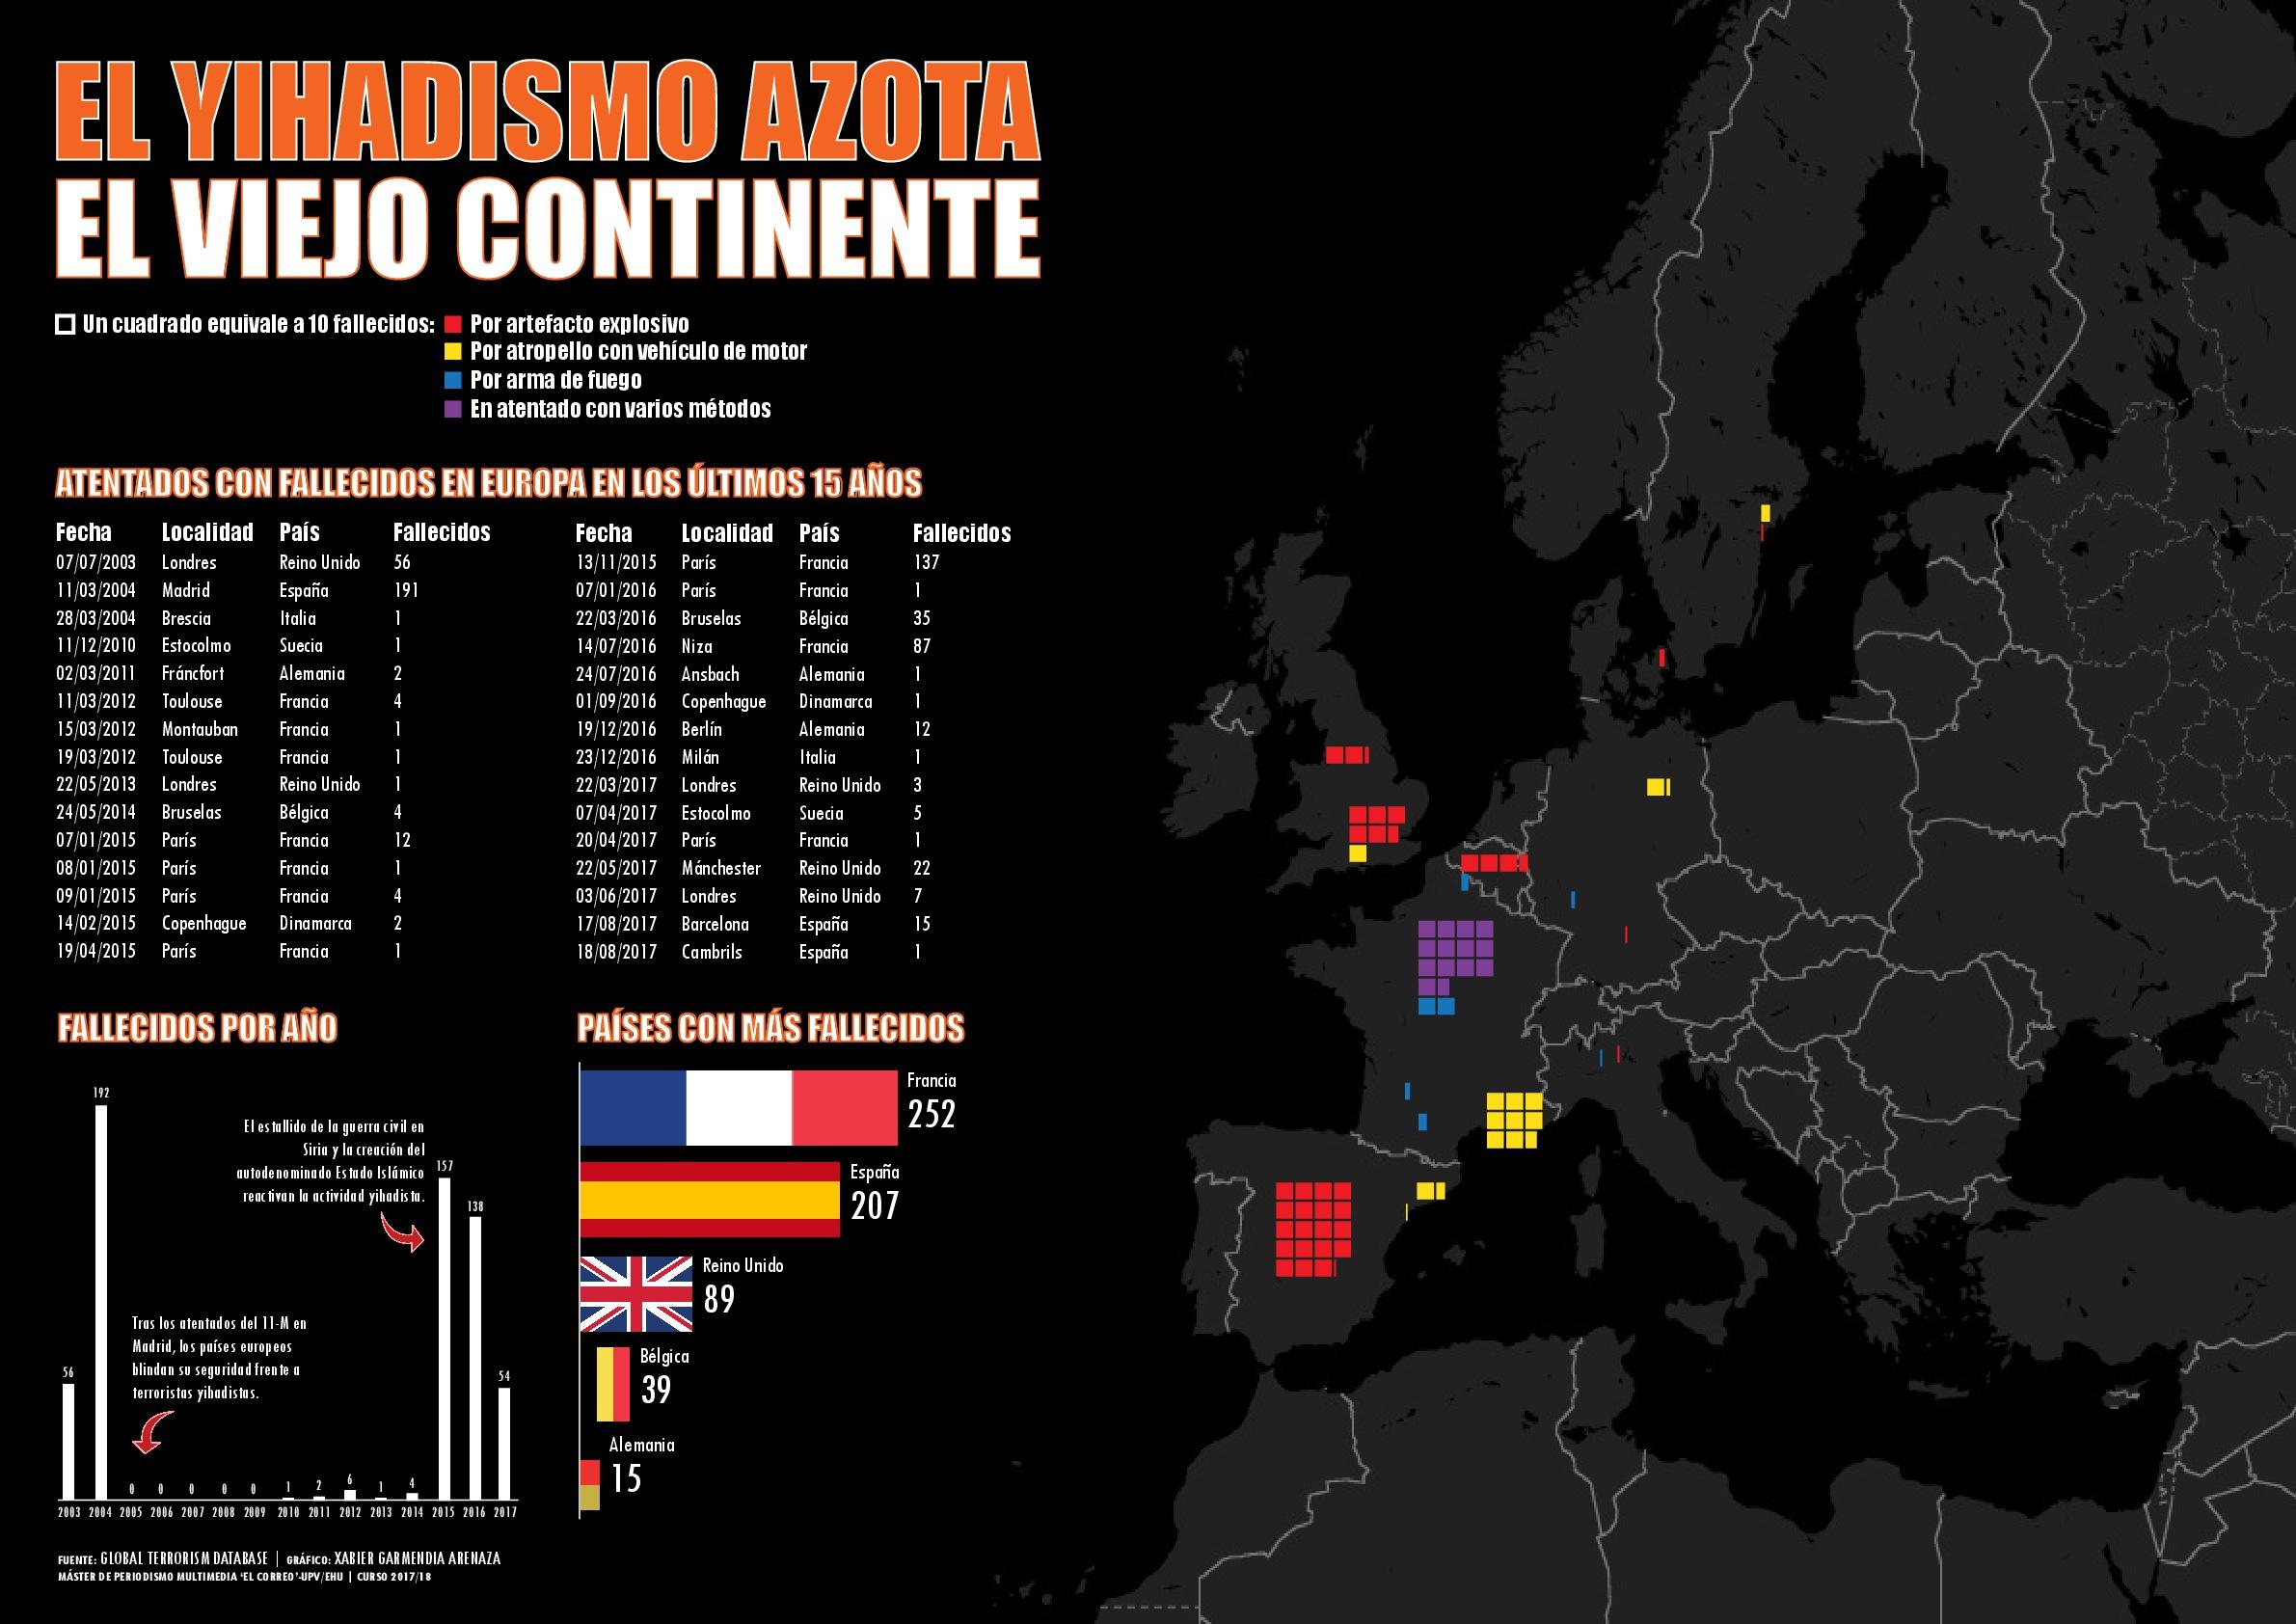 Infografía: El Yihadismo azota el viejo continente